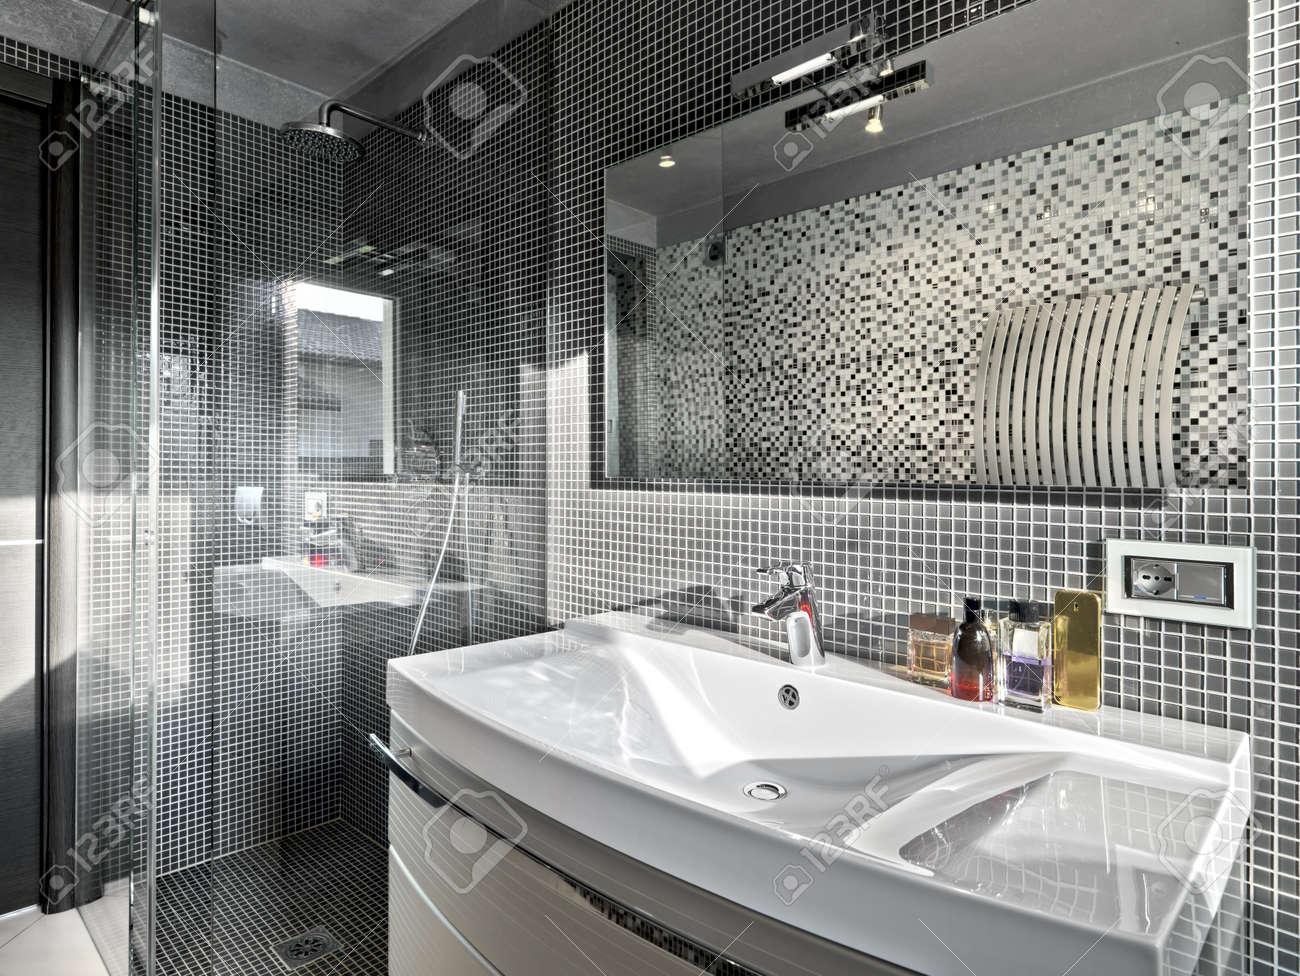 dettaglio di lavandino in un bagno moderno con box doccia in vetro ... - Bagni Moderni Con Box Doccia